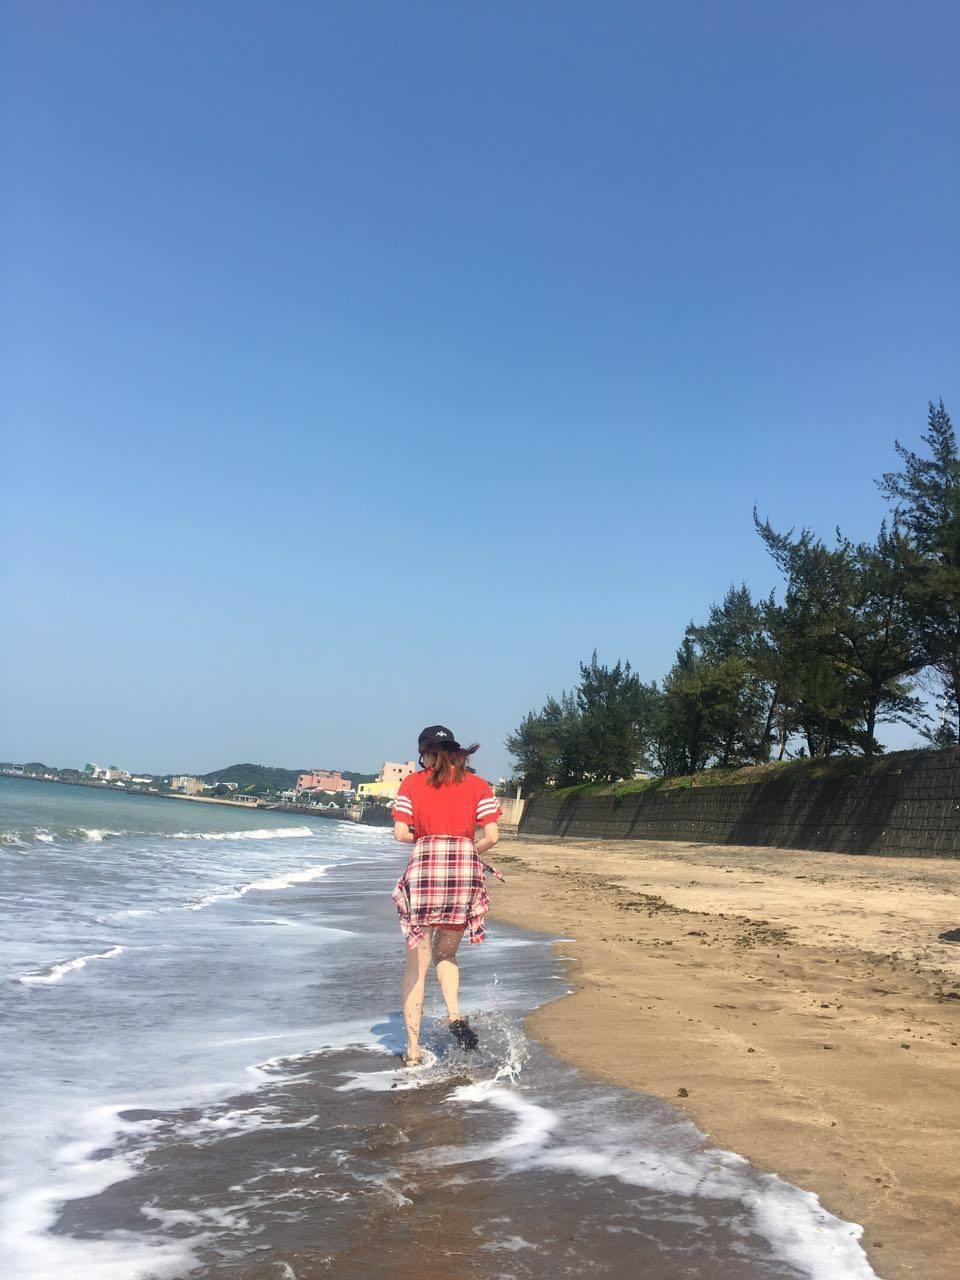 夏語心海邊脫去上衣「解放比基尼」,火辣身材「深溝鎮壓」30萬網友!